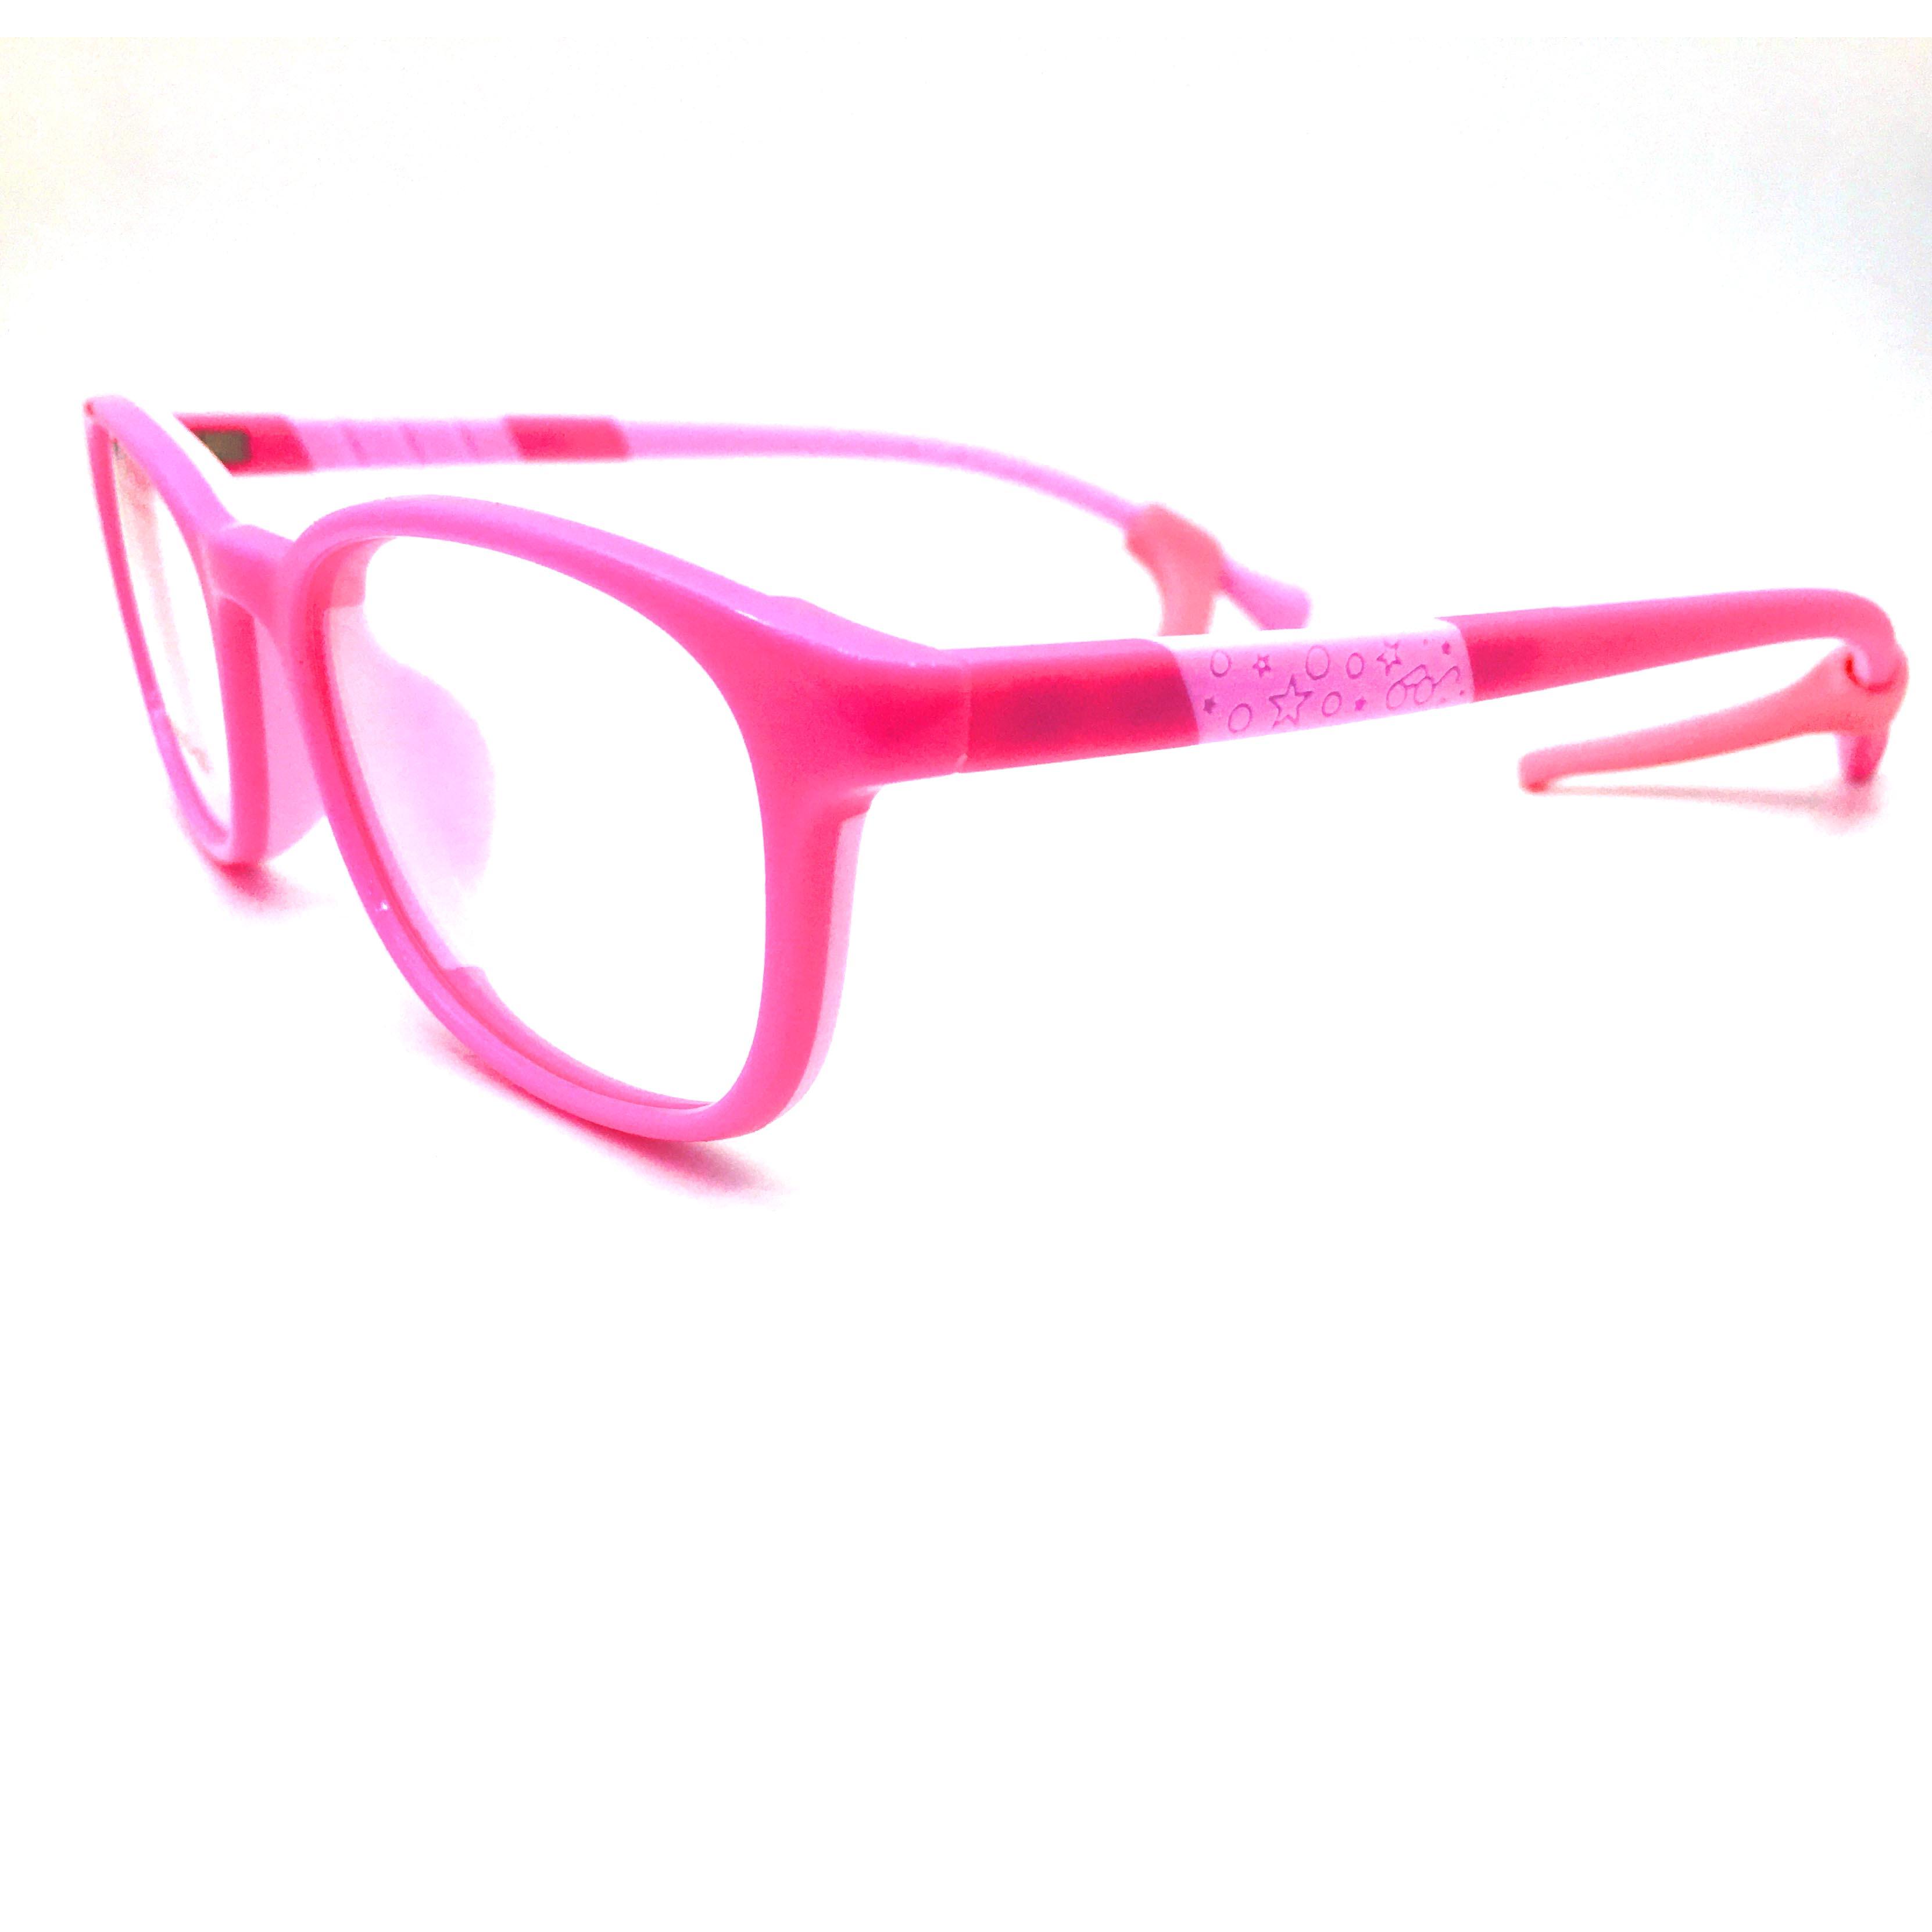 8214 Ann Defee óptico TR + gel de sílice + auricular niños gafas marco para niños gafas de prescripción llanta completa 1 par de tapones de túnel de oreja de doble llamarada expansor de calibre de acero inoxidable estilo del ventilador del molino de viento Piercing de oreja Unisex